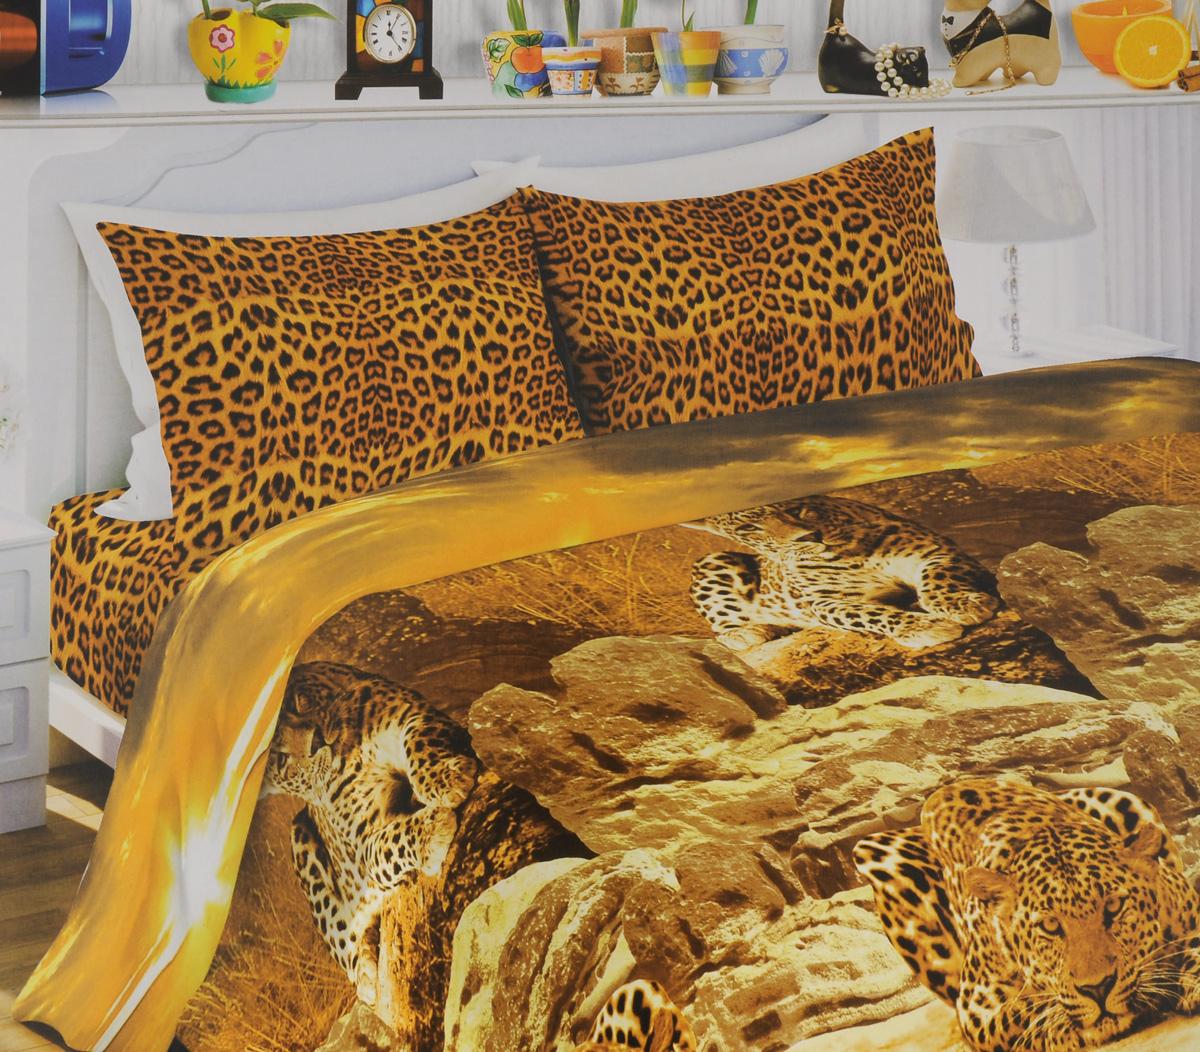 Комплект белья Любимый дом Африканский леопард, евро, наволочки 70х70, цвет: коричневый, оранжевый, бежевый326147Комплект постельного белья Любимый дом Африканский леопард состоит из пододеяльника, простыни и двух наволочек. Постельное белье оформлено оригинальным рисунком и имеет изысканный внешний вид. Белье изготовлено из новой ткани Биокомфорт, отвечающей всем необходимым нормативным стандартам. Биокомфорт - это тканьполотняного переплетения, из экологически чистого и натурального 100% хлопка. Неоспоримым плюсом белья из такой ткани является мягкостьи легкость, она прекрасно пропускает воздух, приятна на ощупь, не образует катышков на поверхности и за ней легко ухаживать. При соблюдениирекомендаций по уходу, это белье выдерживает много стирок, не линяети не теряет свою первоначальную прочность. Уникальная ткань обеспечивает легкую глажку.Приобретая комплект постельного белья Любимый дом Африканский леопард, вы можете быть уверены в том, что покупка доставит вам ивашим близким удовольствие и подарит максимальный комфорт.